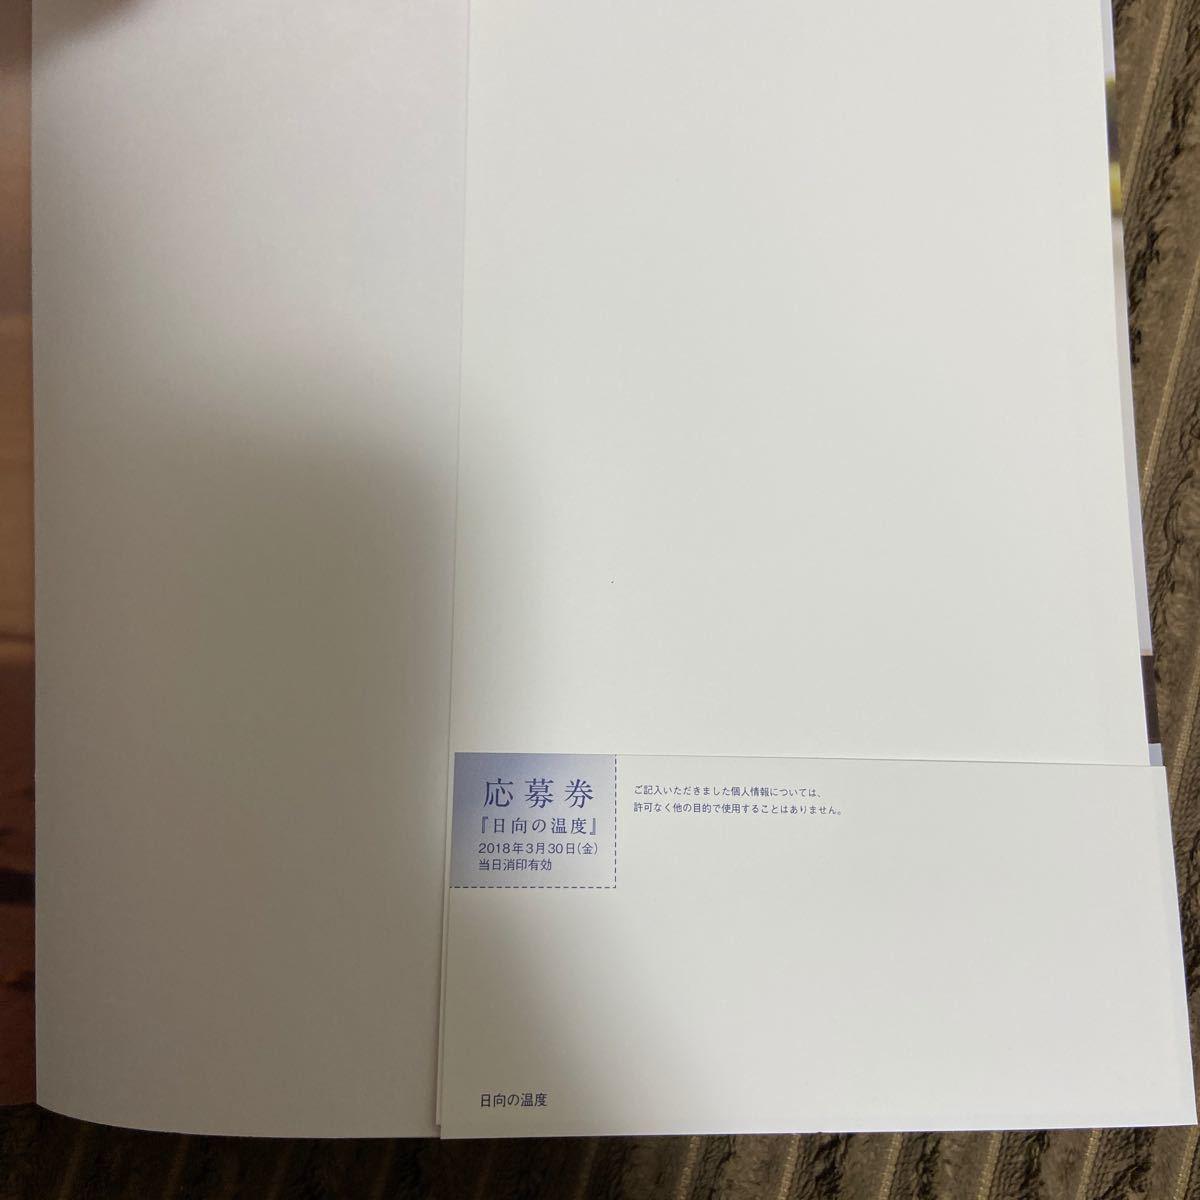 初版!乃木坂46 与田祐希ファースト写真集 日向の温度 ポストカード付属